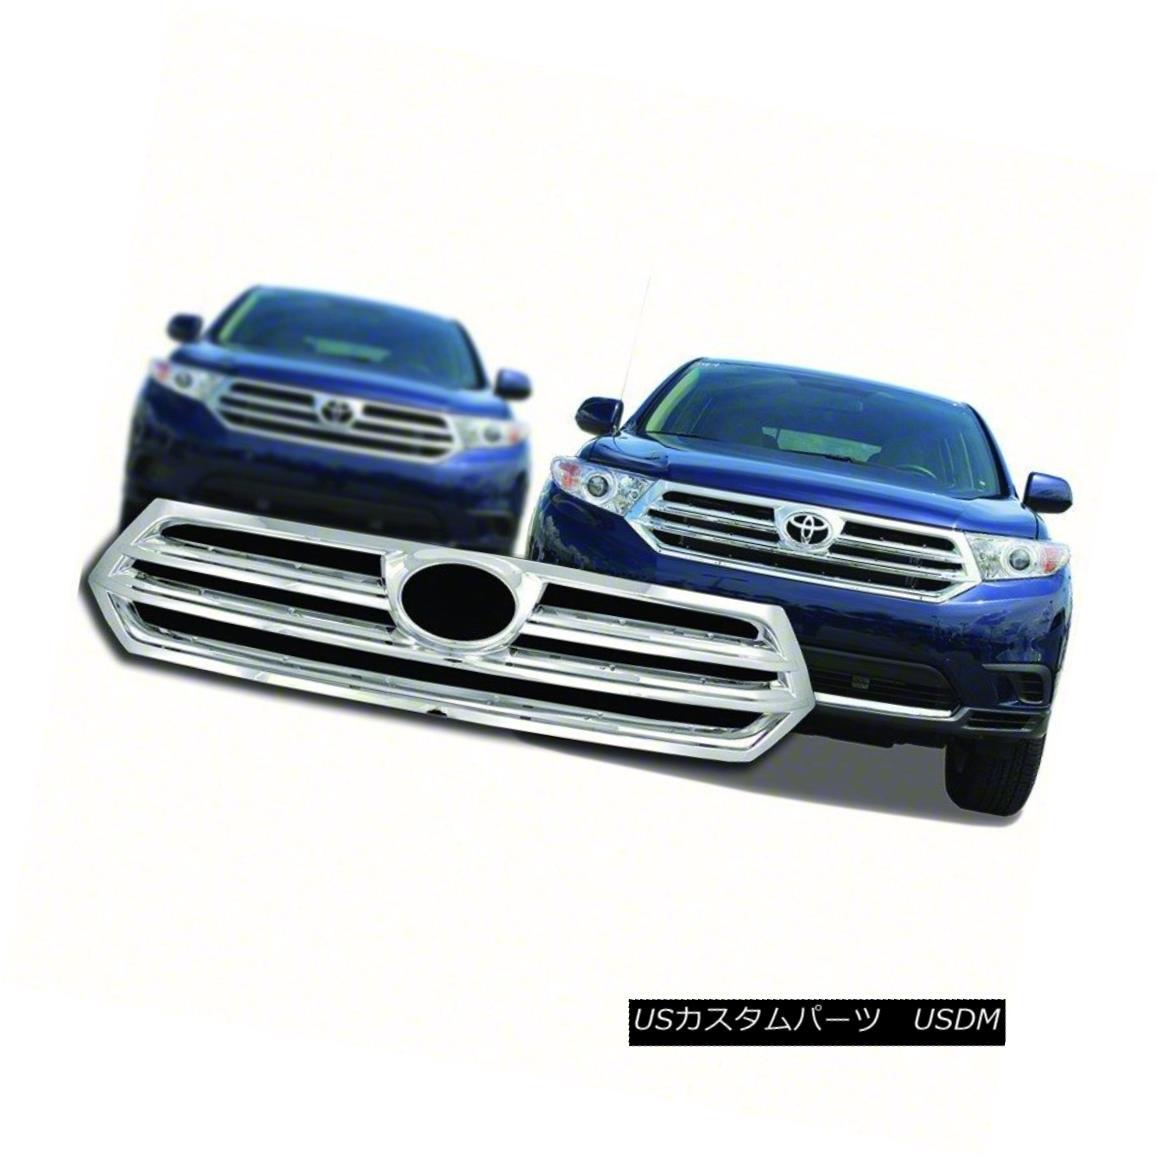 グリル IWCGI98-Fits 2011-13 Toyota Highlander-Chrome Grille Overlay IWCGI98-Fits 2011-13 Toyota Highlander-Chr omeグリルオーバーレイ